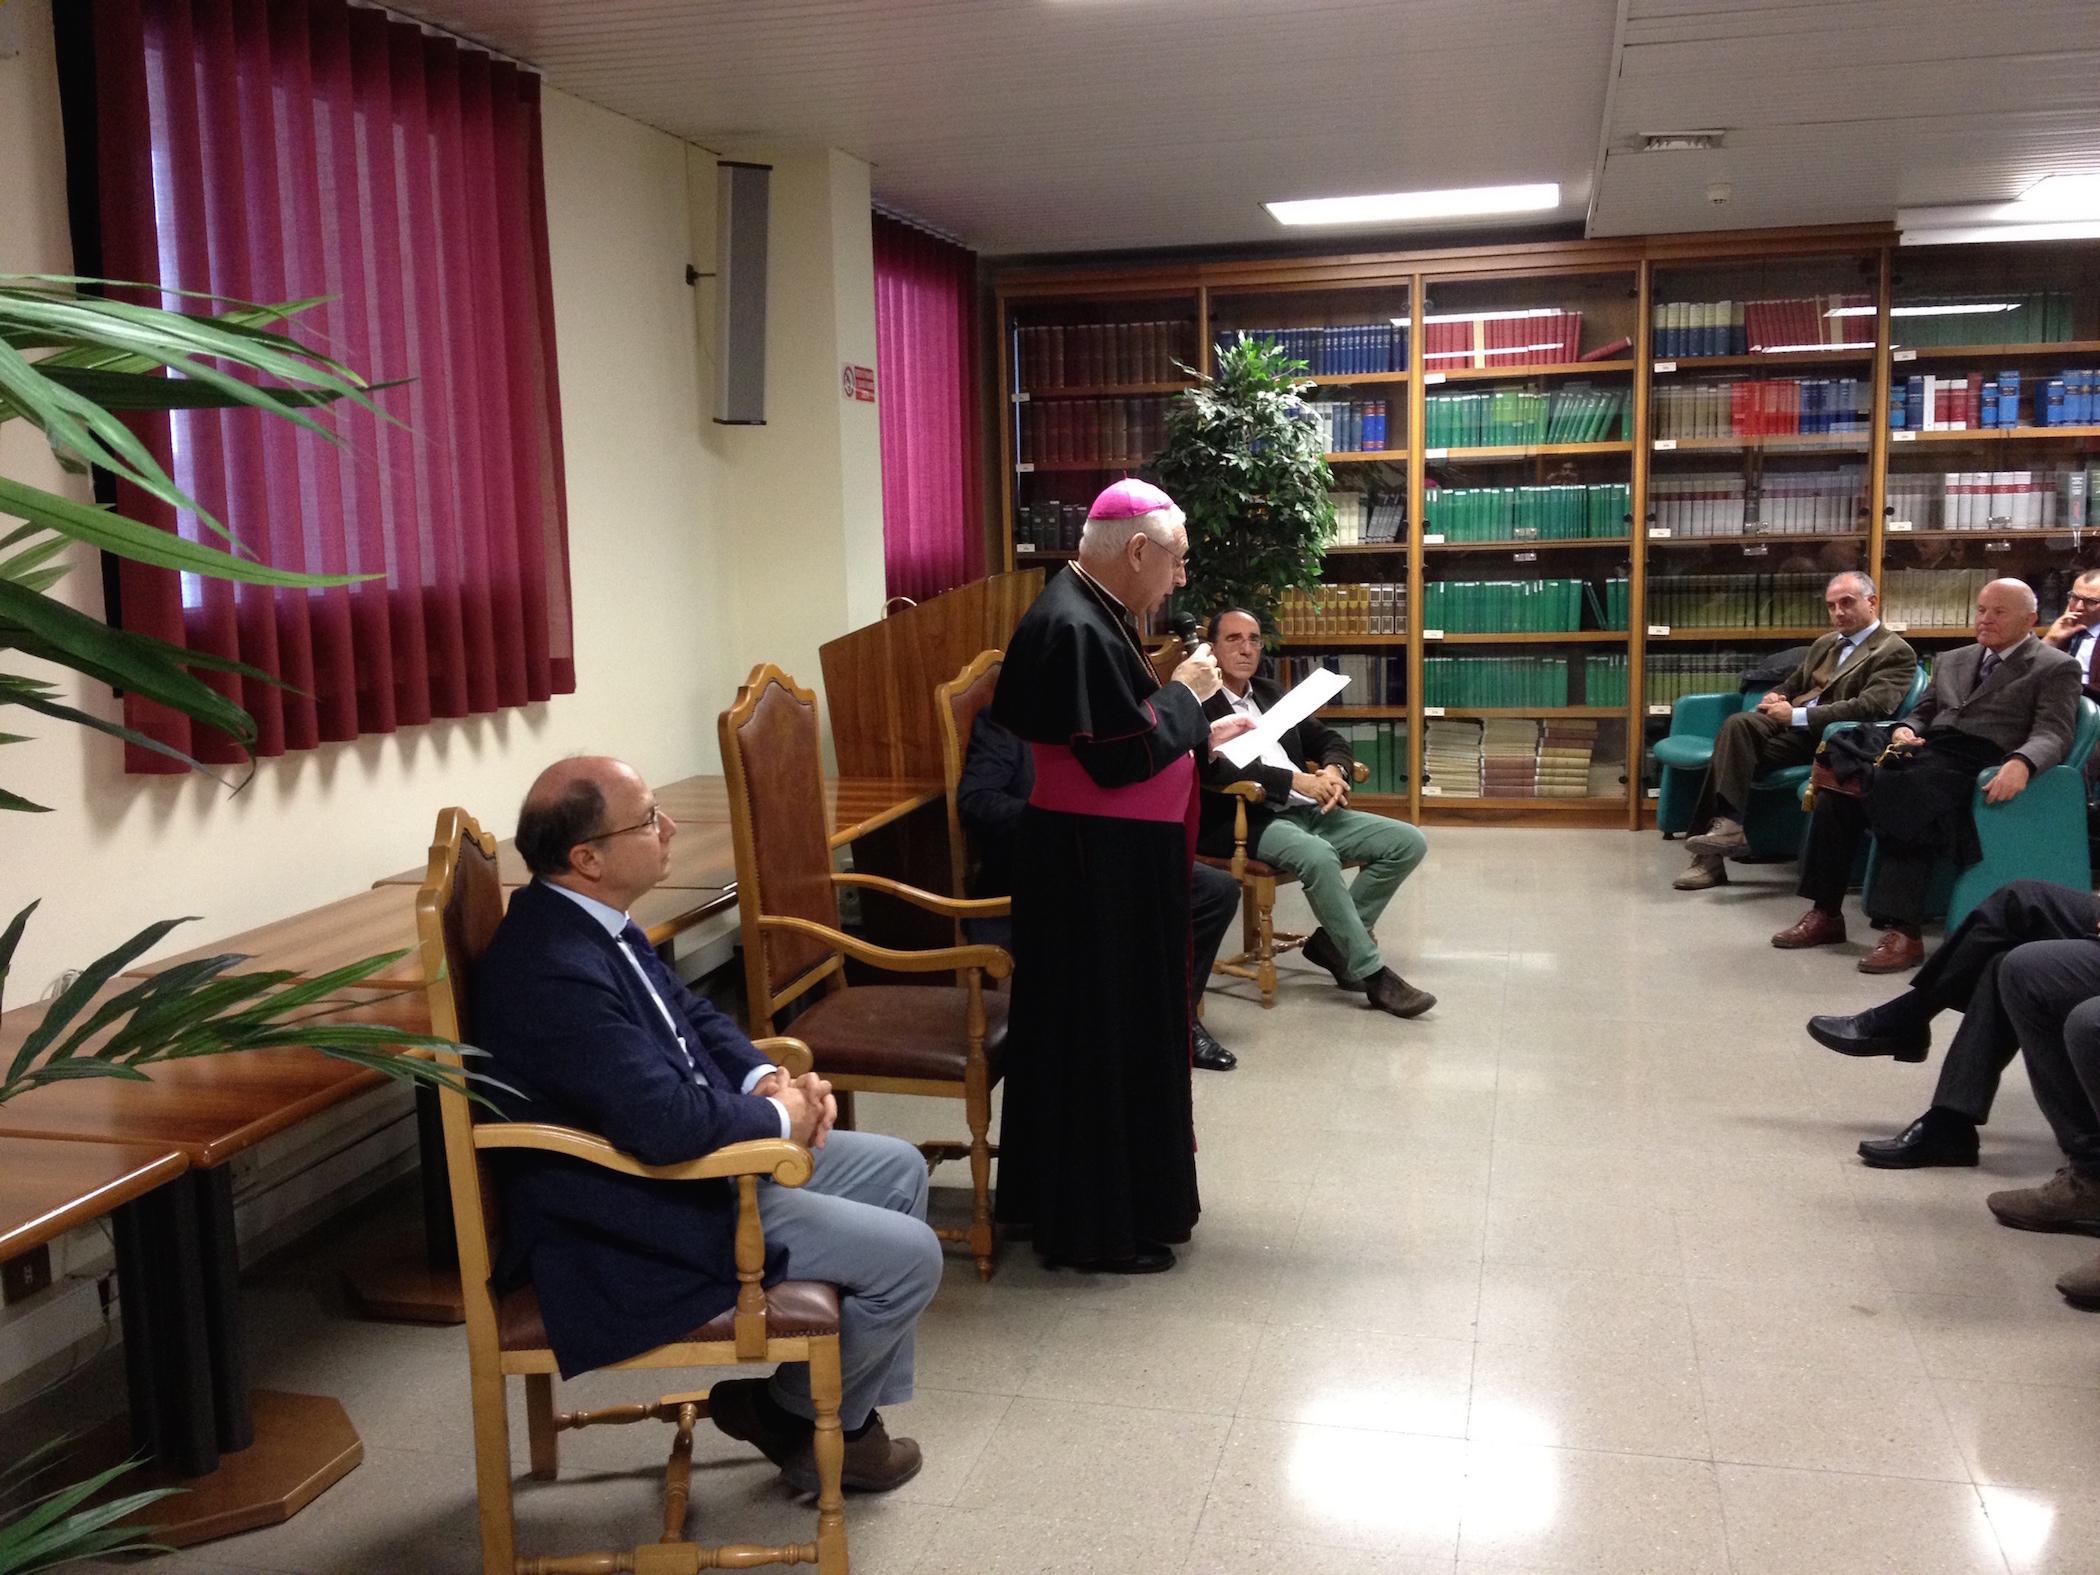 L'arcivescovo di Siracusa Pappalardo al Palazzo di Giustizia